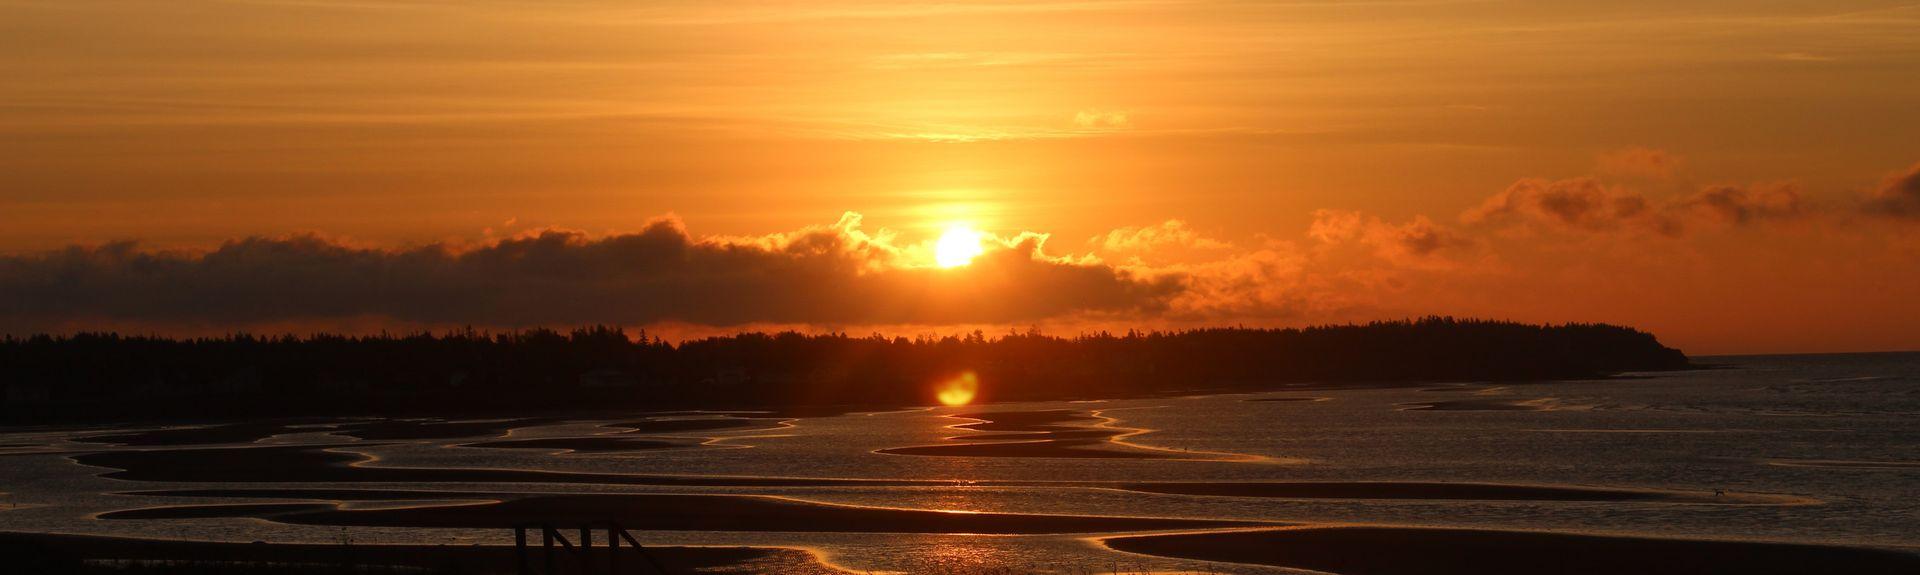 Linkletter Provincial Park, Linkletter, Prince Edward Island, Canada